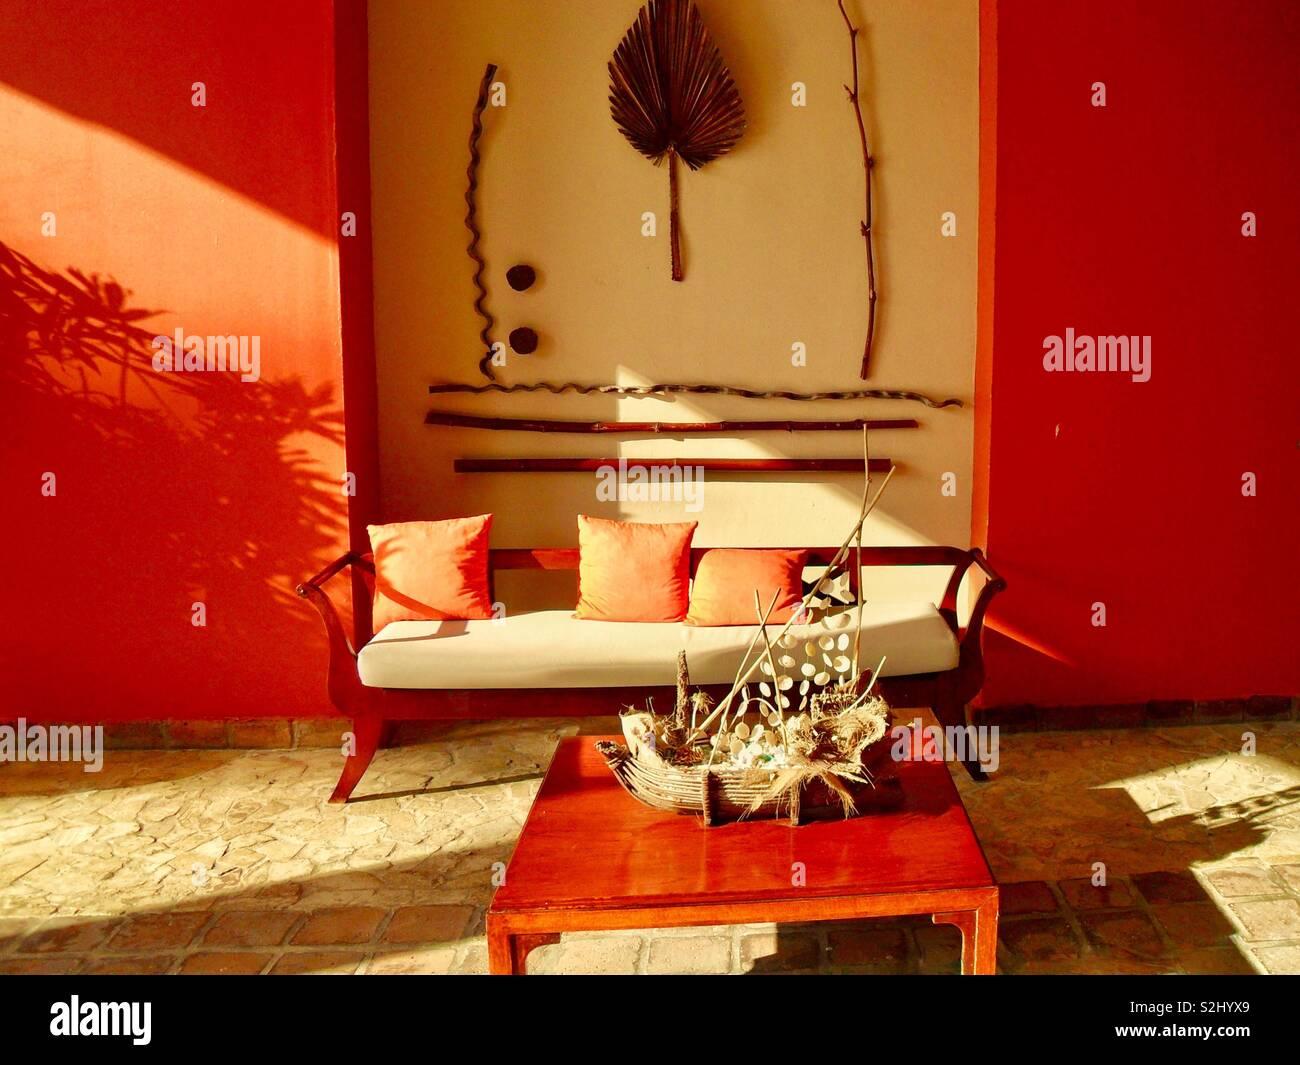 Espace de vie vide avec décor tribal et des couleurs fortes Photo Stock